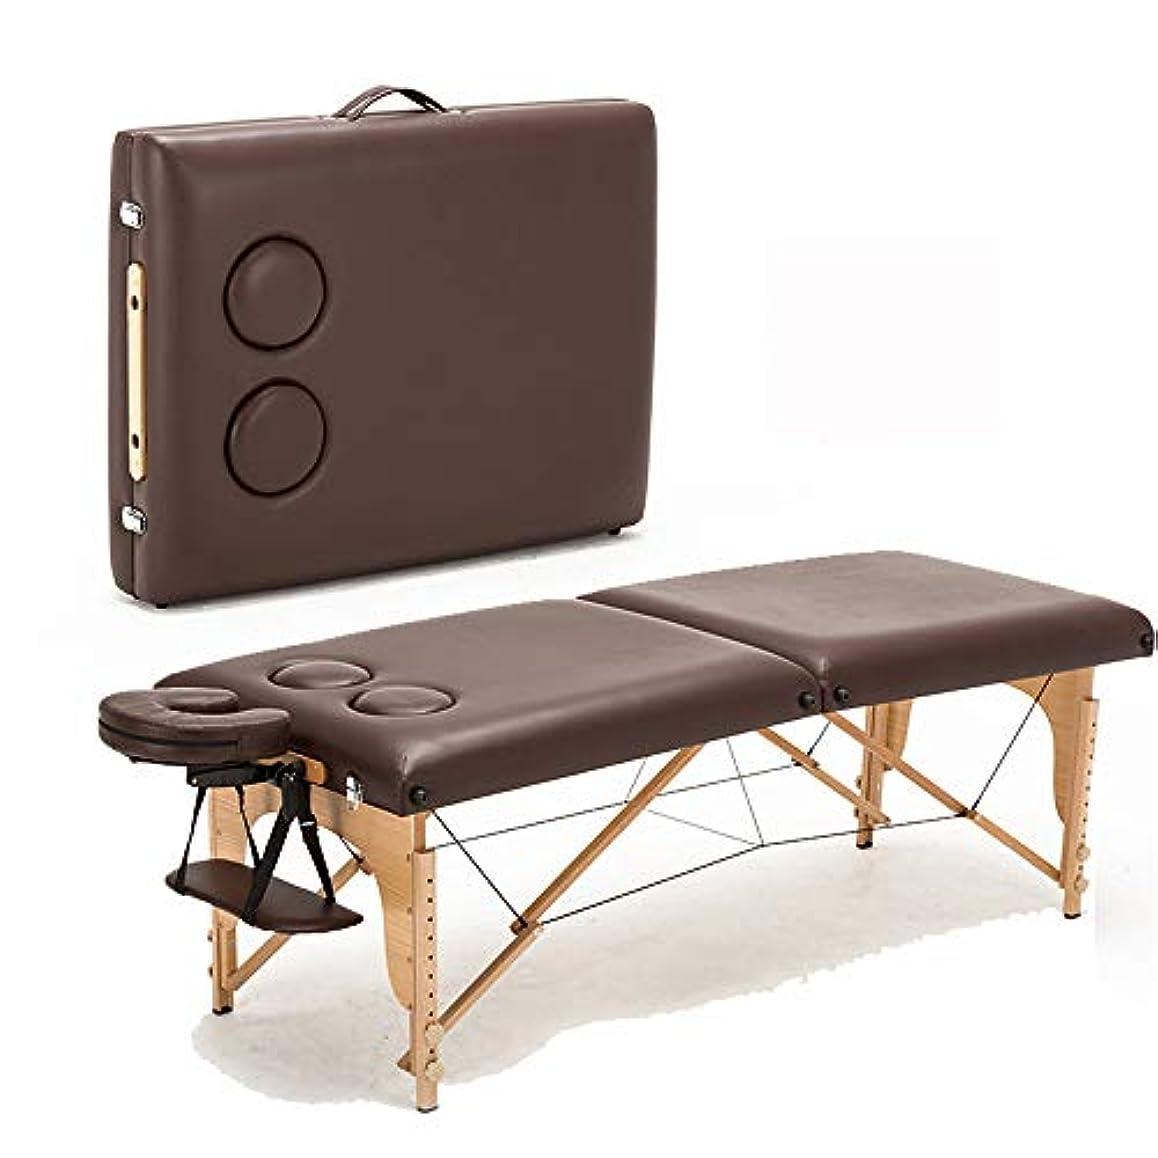 エコー実施する可聴妊娠中の女性のための胸のマッサージ表スパタトゥービューティー家具ポータブル折り畳み式のサロン乳促進マッサージベッド185 * 70 CM,ブラウン